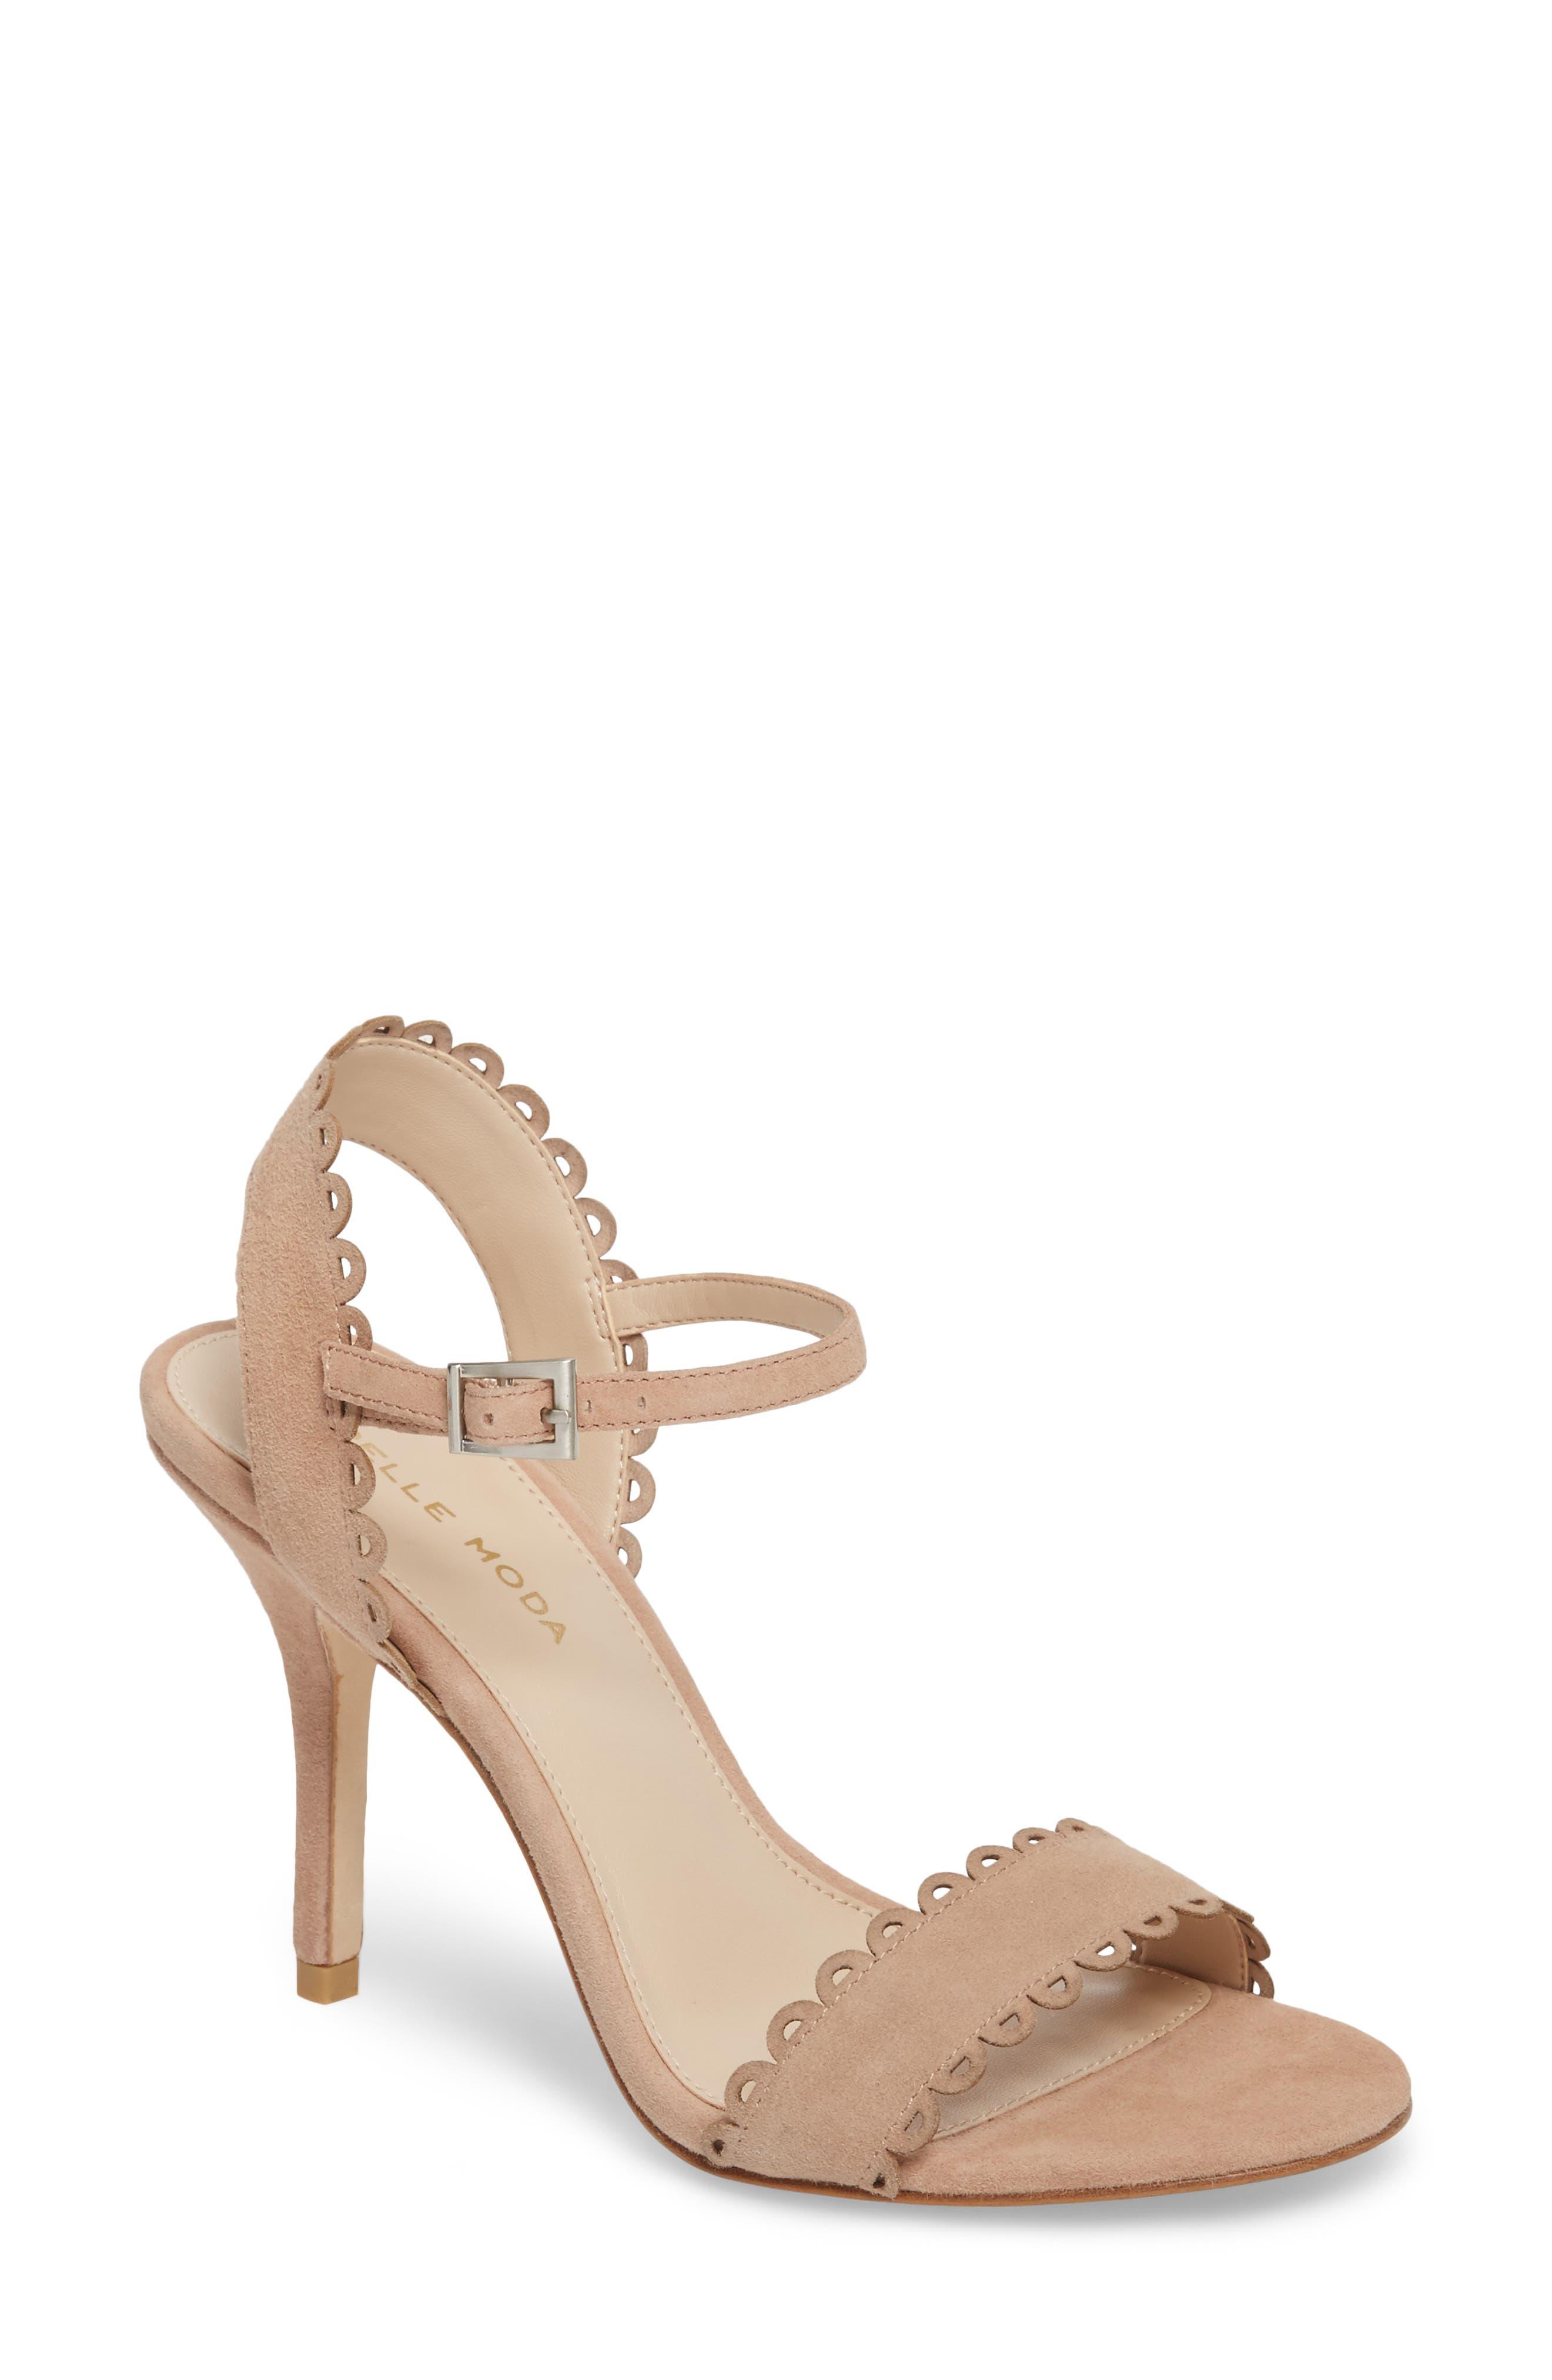 Alternate Image 1 Selected - Pelle Moda Karen Scallop Ankle Strap Sandal (Women)